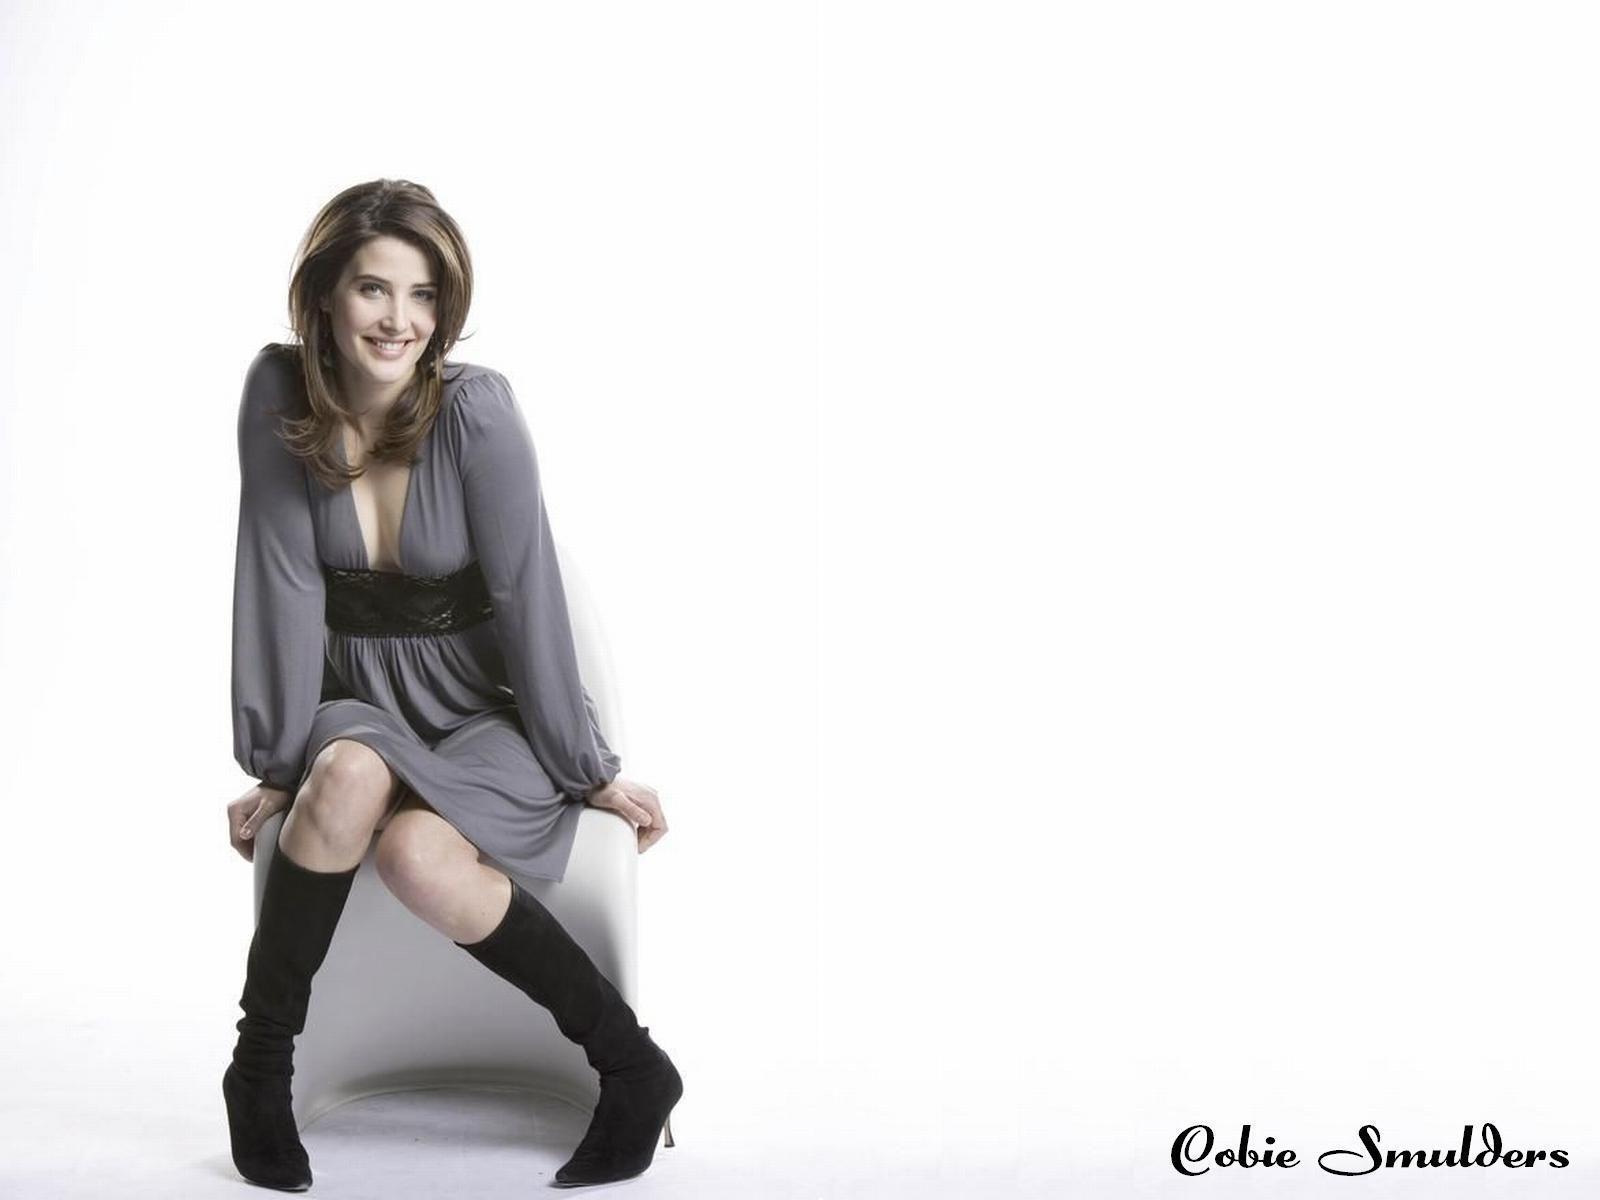 Cute Little Girl Hd Wallpapers 1080p Cobie Smulders Wallpaper Hd Pixelstalk Net